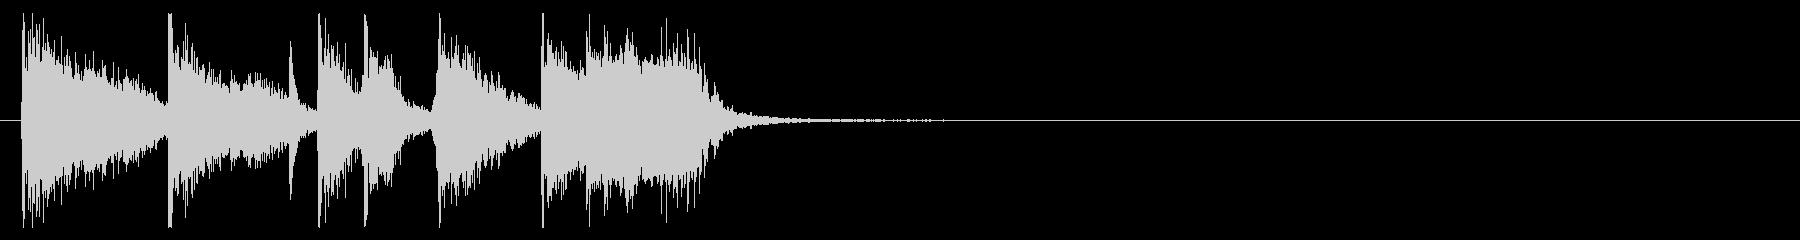 ジングル@ソウル&ファンキー#3 の未再生の波形